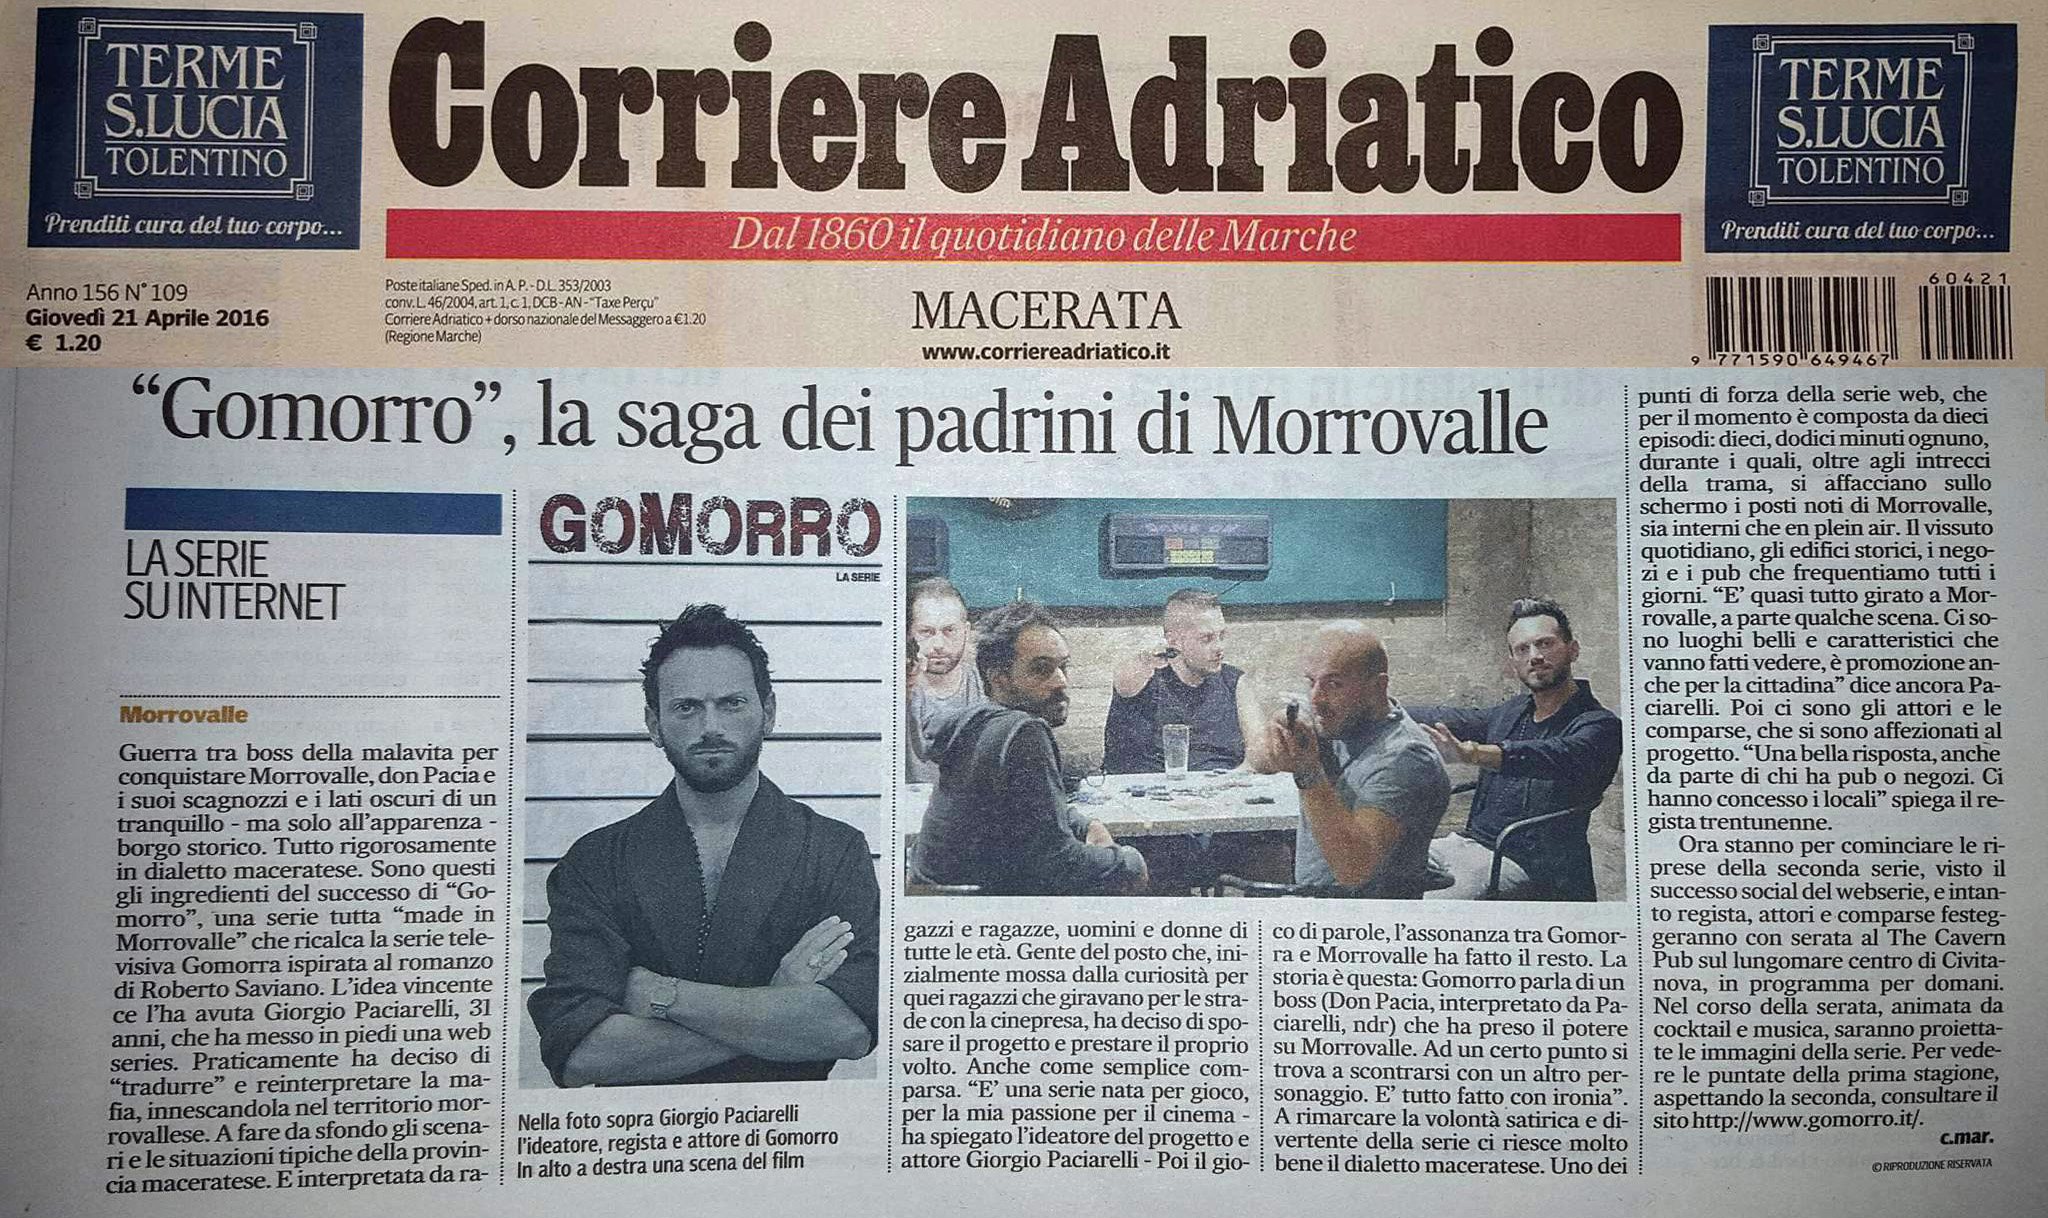 21 aprile 2016 Corriere Adriatico copia